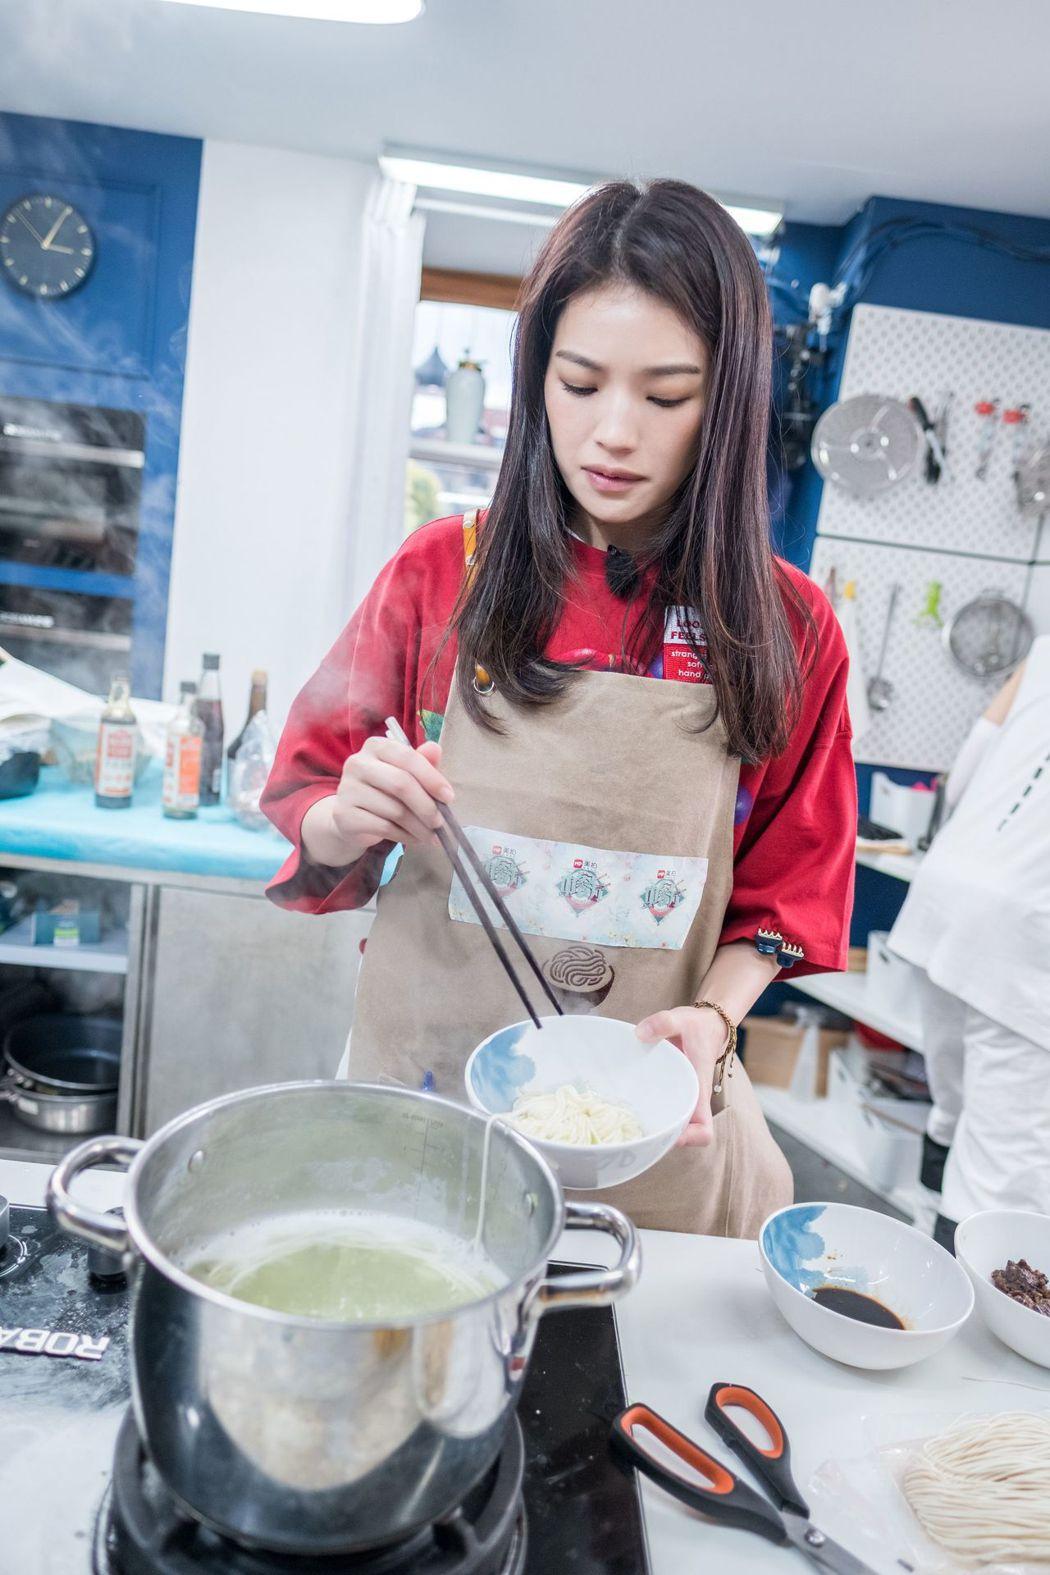 舒淇煮茶葉蛋凸槌。圖/中天提供